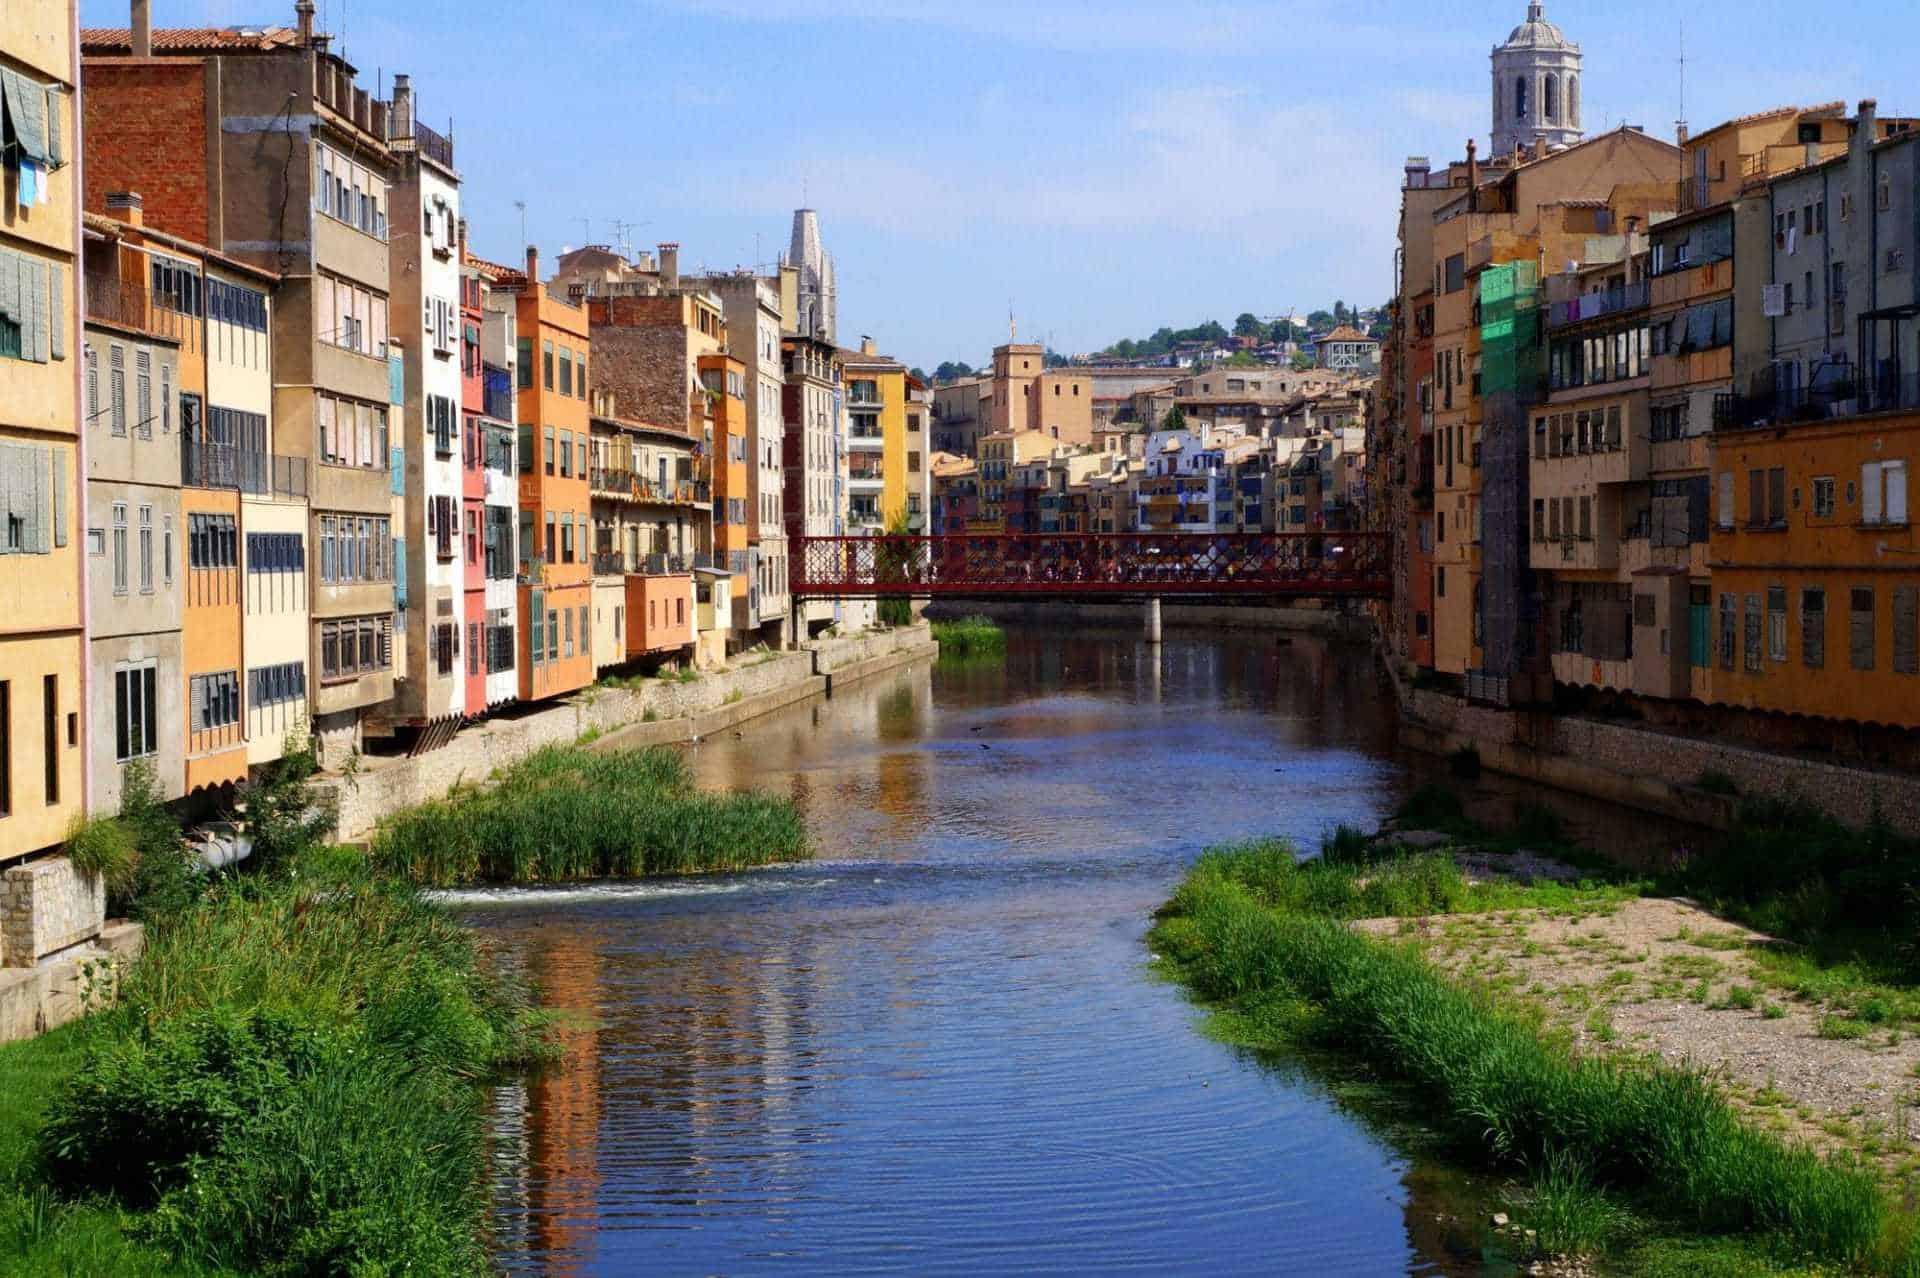 Un giorno a Girona: cosa vedere nella città dei quattro fiumi